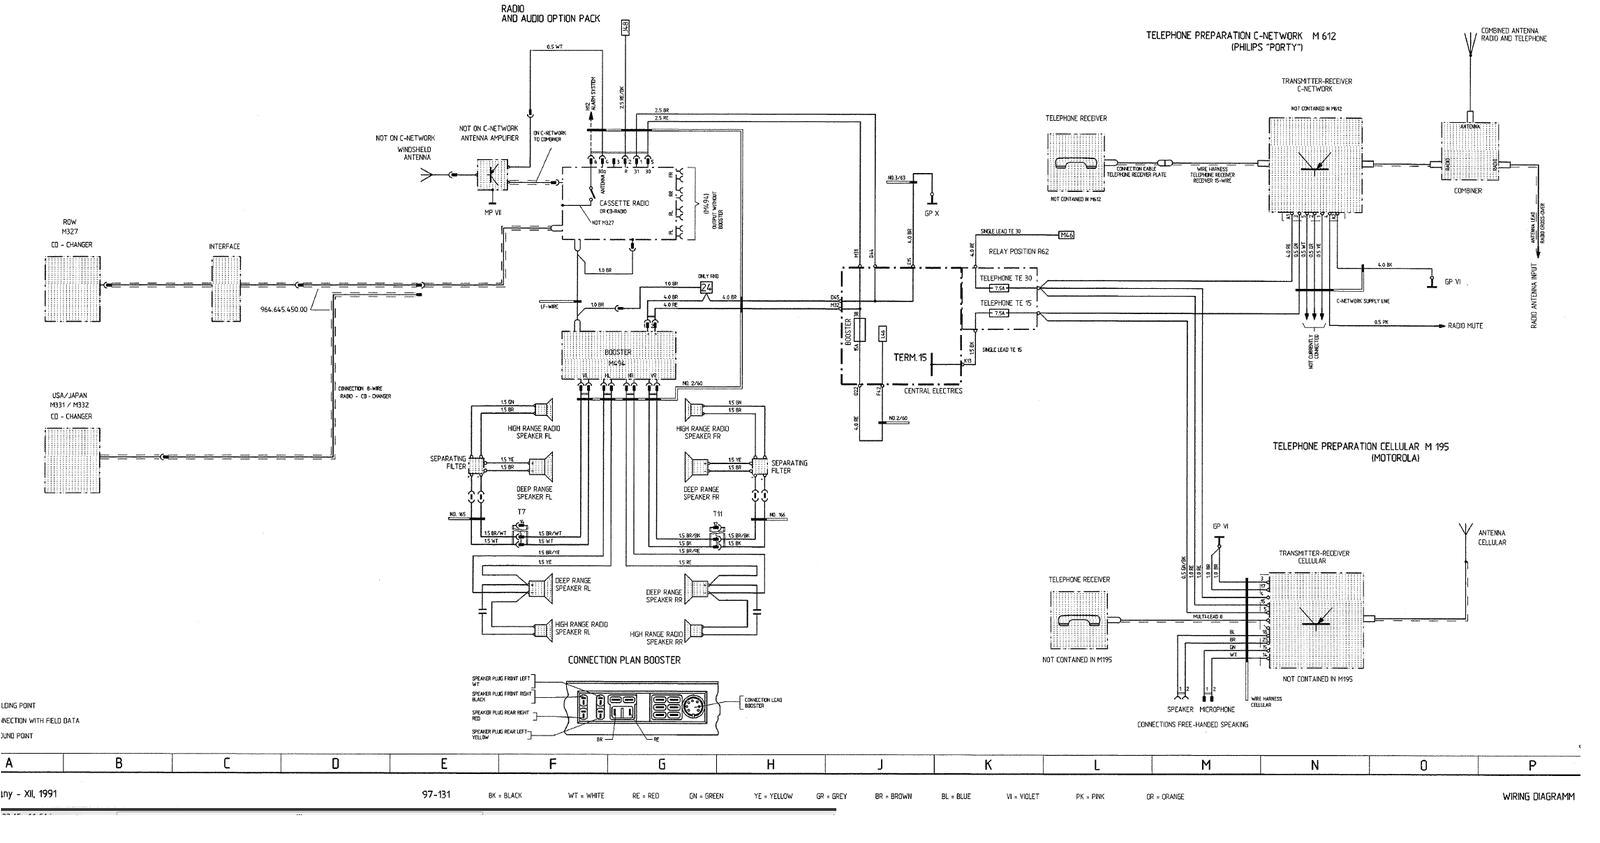 porsche 993 radio wiring diagram wiring diagram world porsche 993 wiring diagram porsche 993 wiring diagram